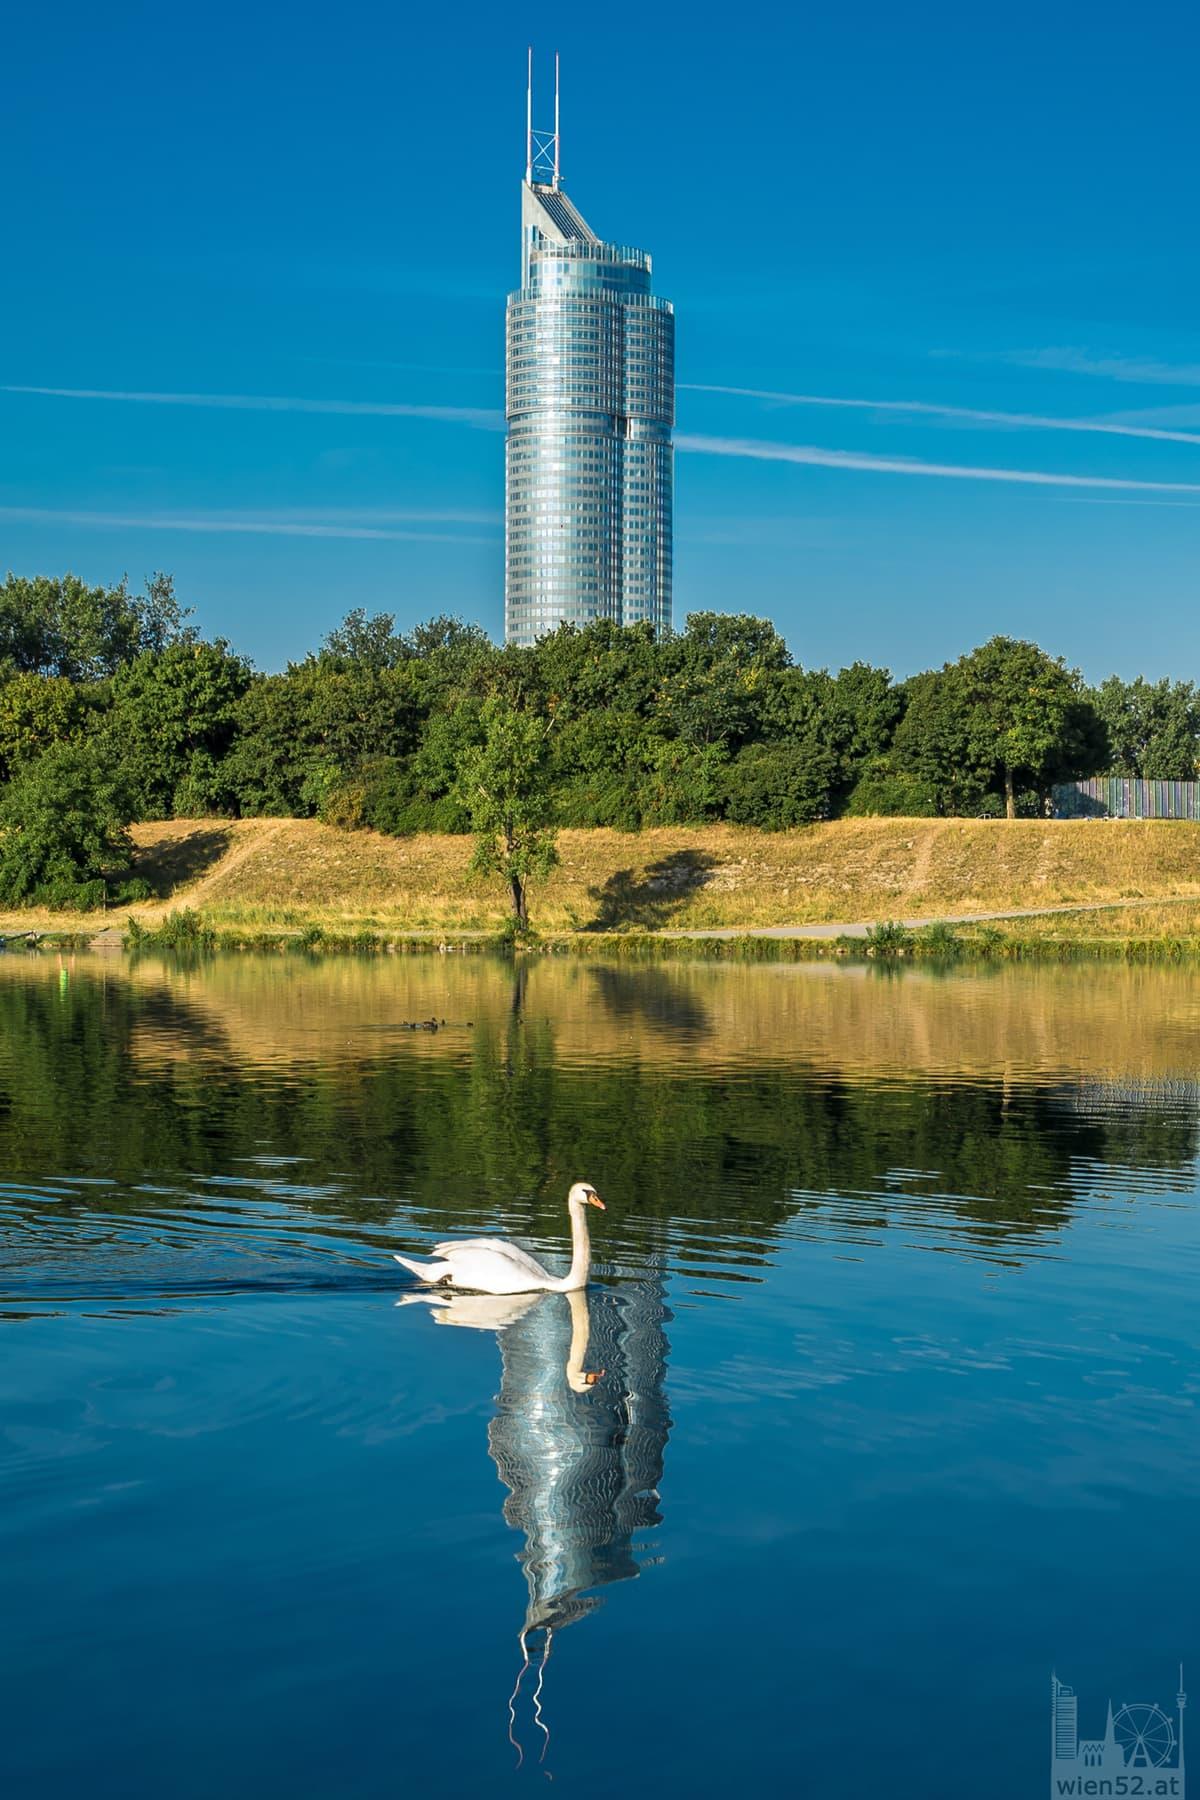 Spiegelung Millennium Tower in der Neuen Donau